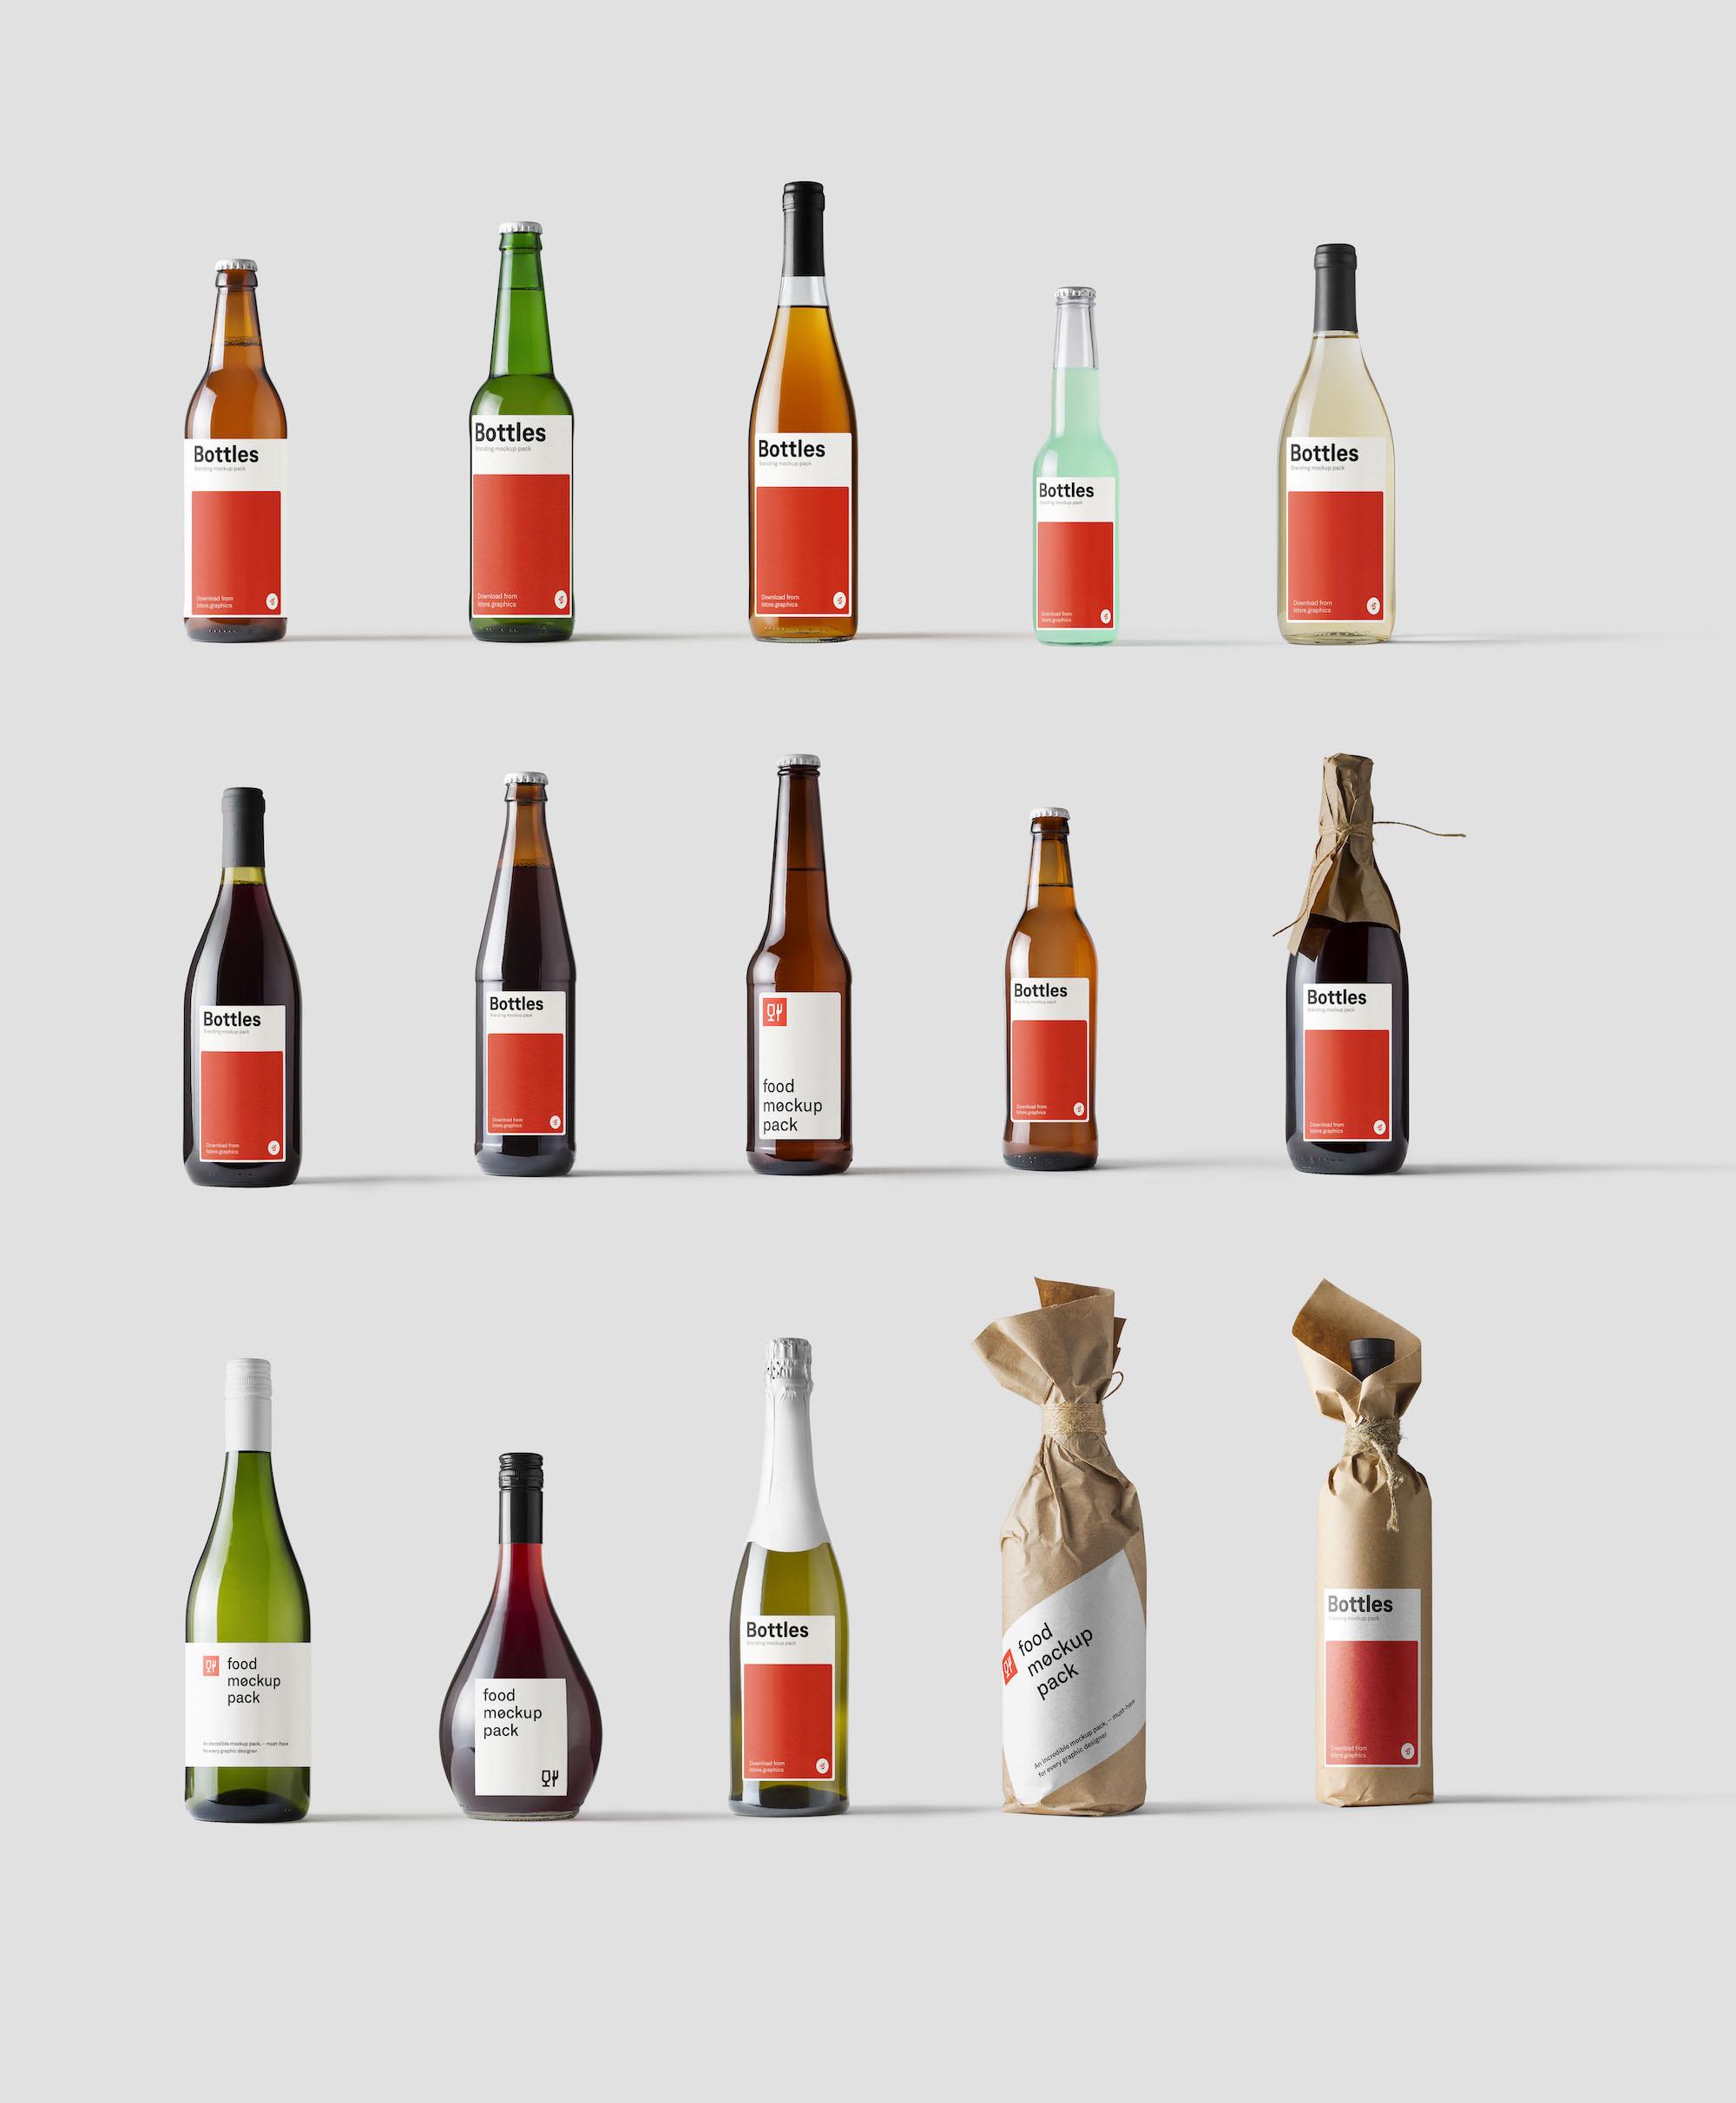 Bottles Mockups for Photoshop